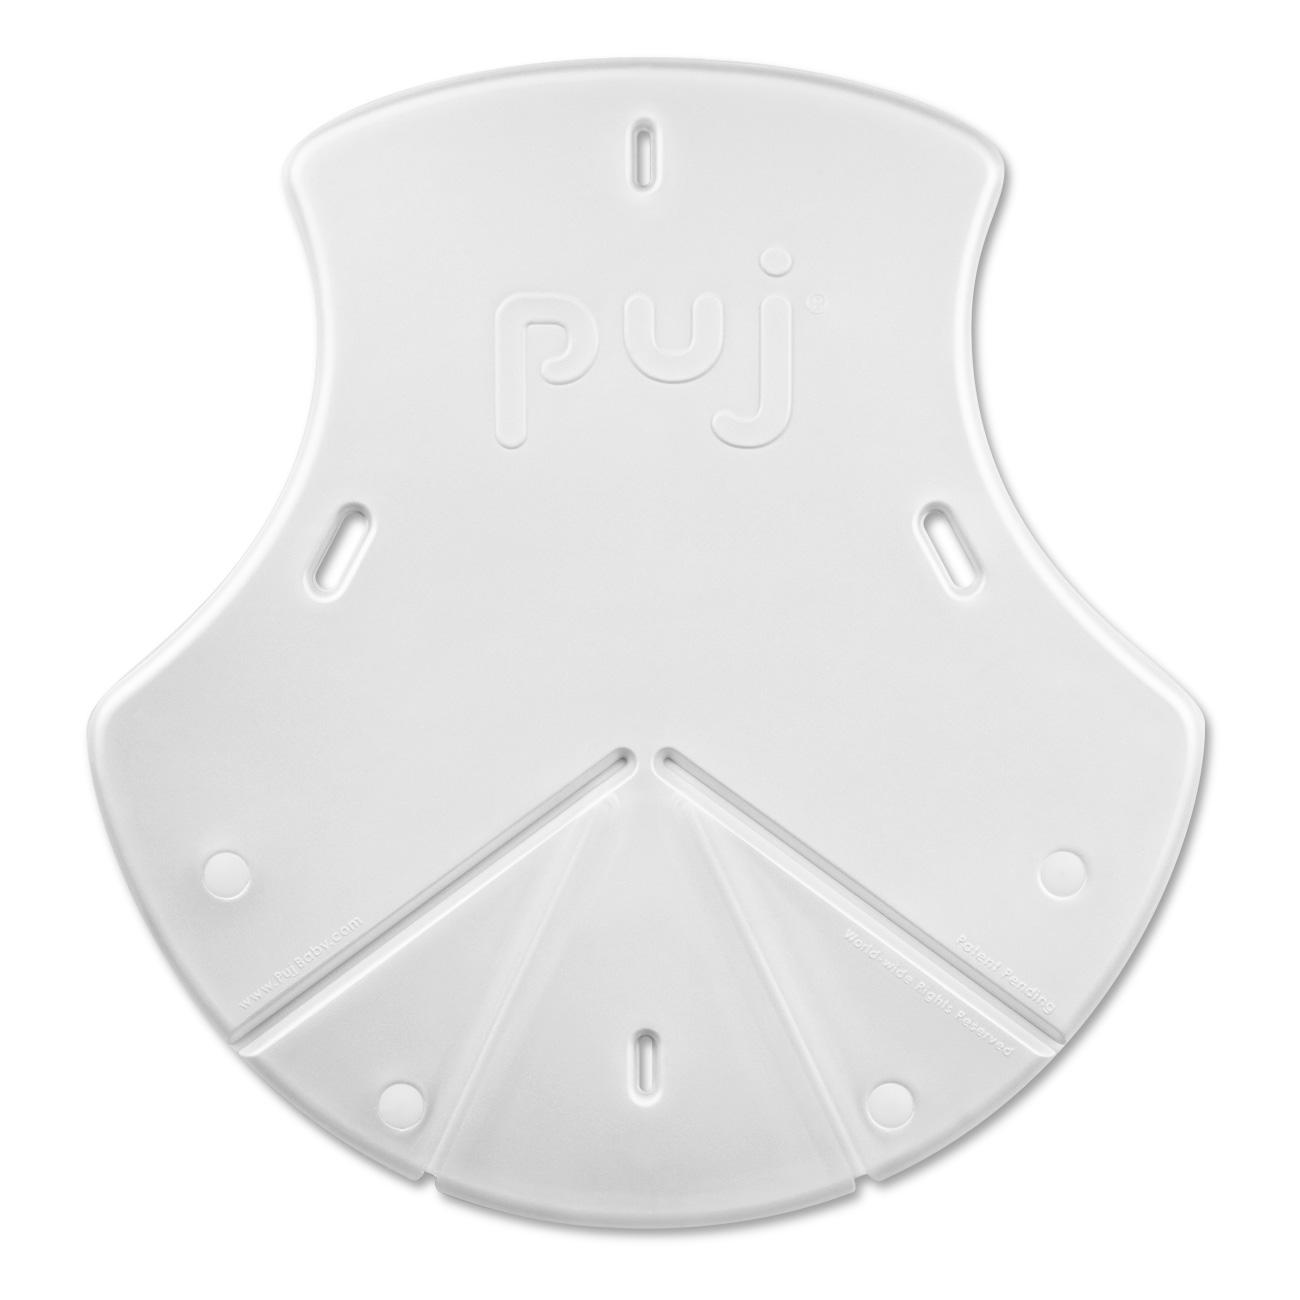 puj infant bath tub - white